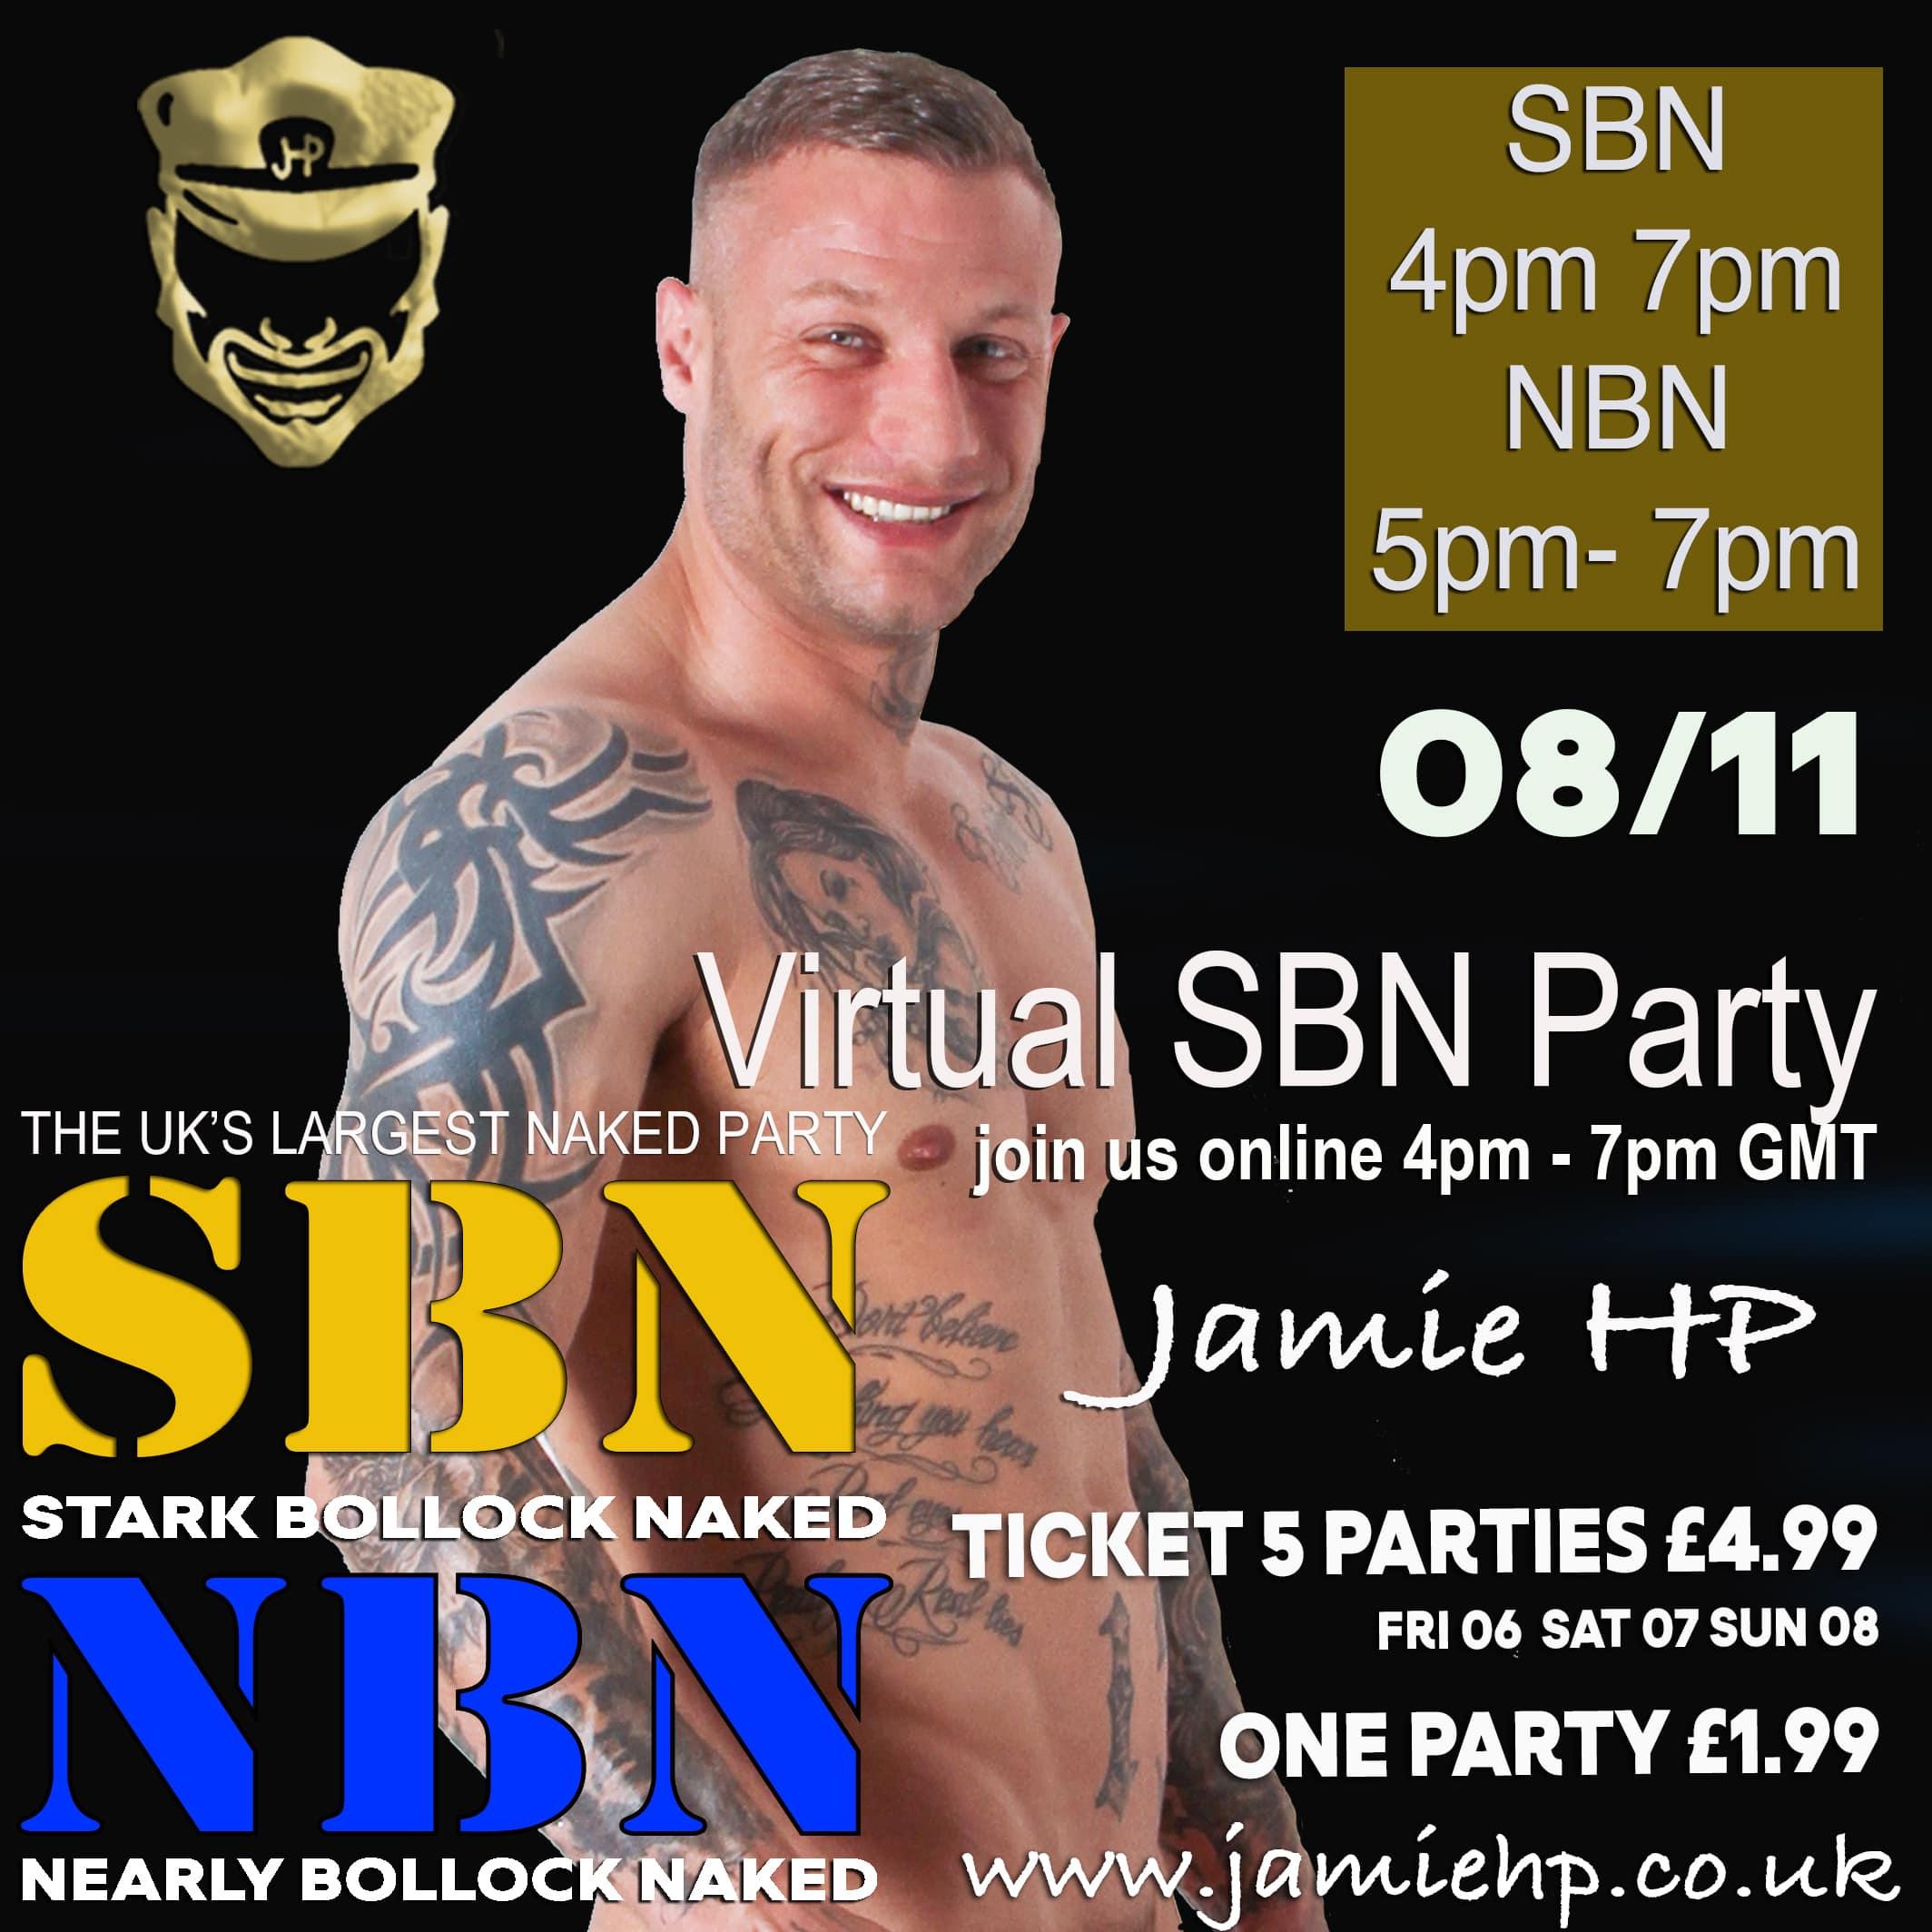 SBN - Jamie HP